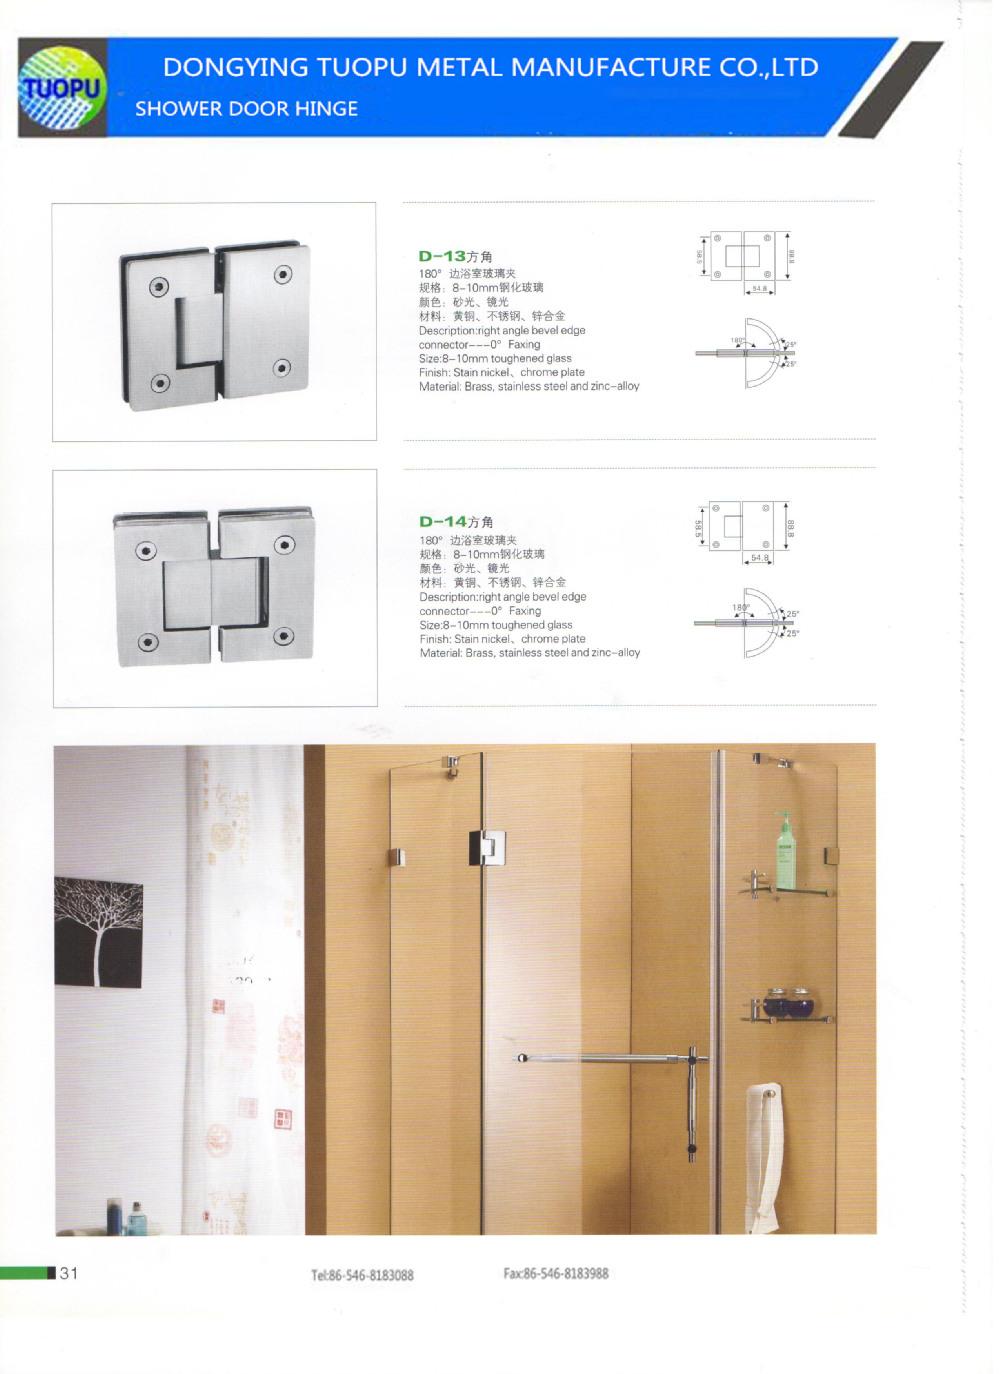 China Bottom Door Pivot Hinge Glass Shower Door Hinges Adjust Shower